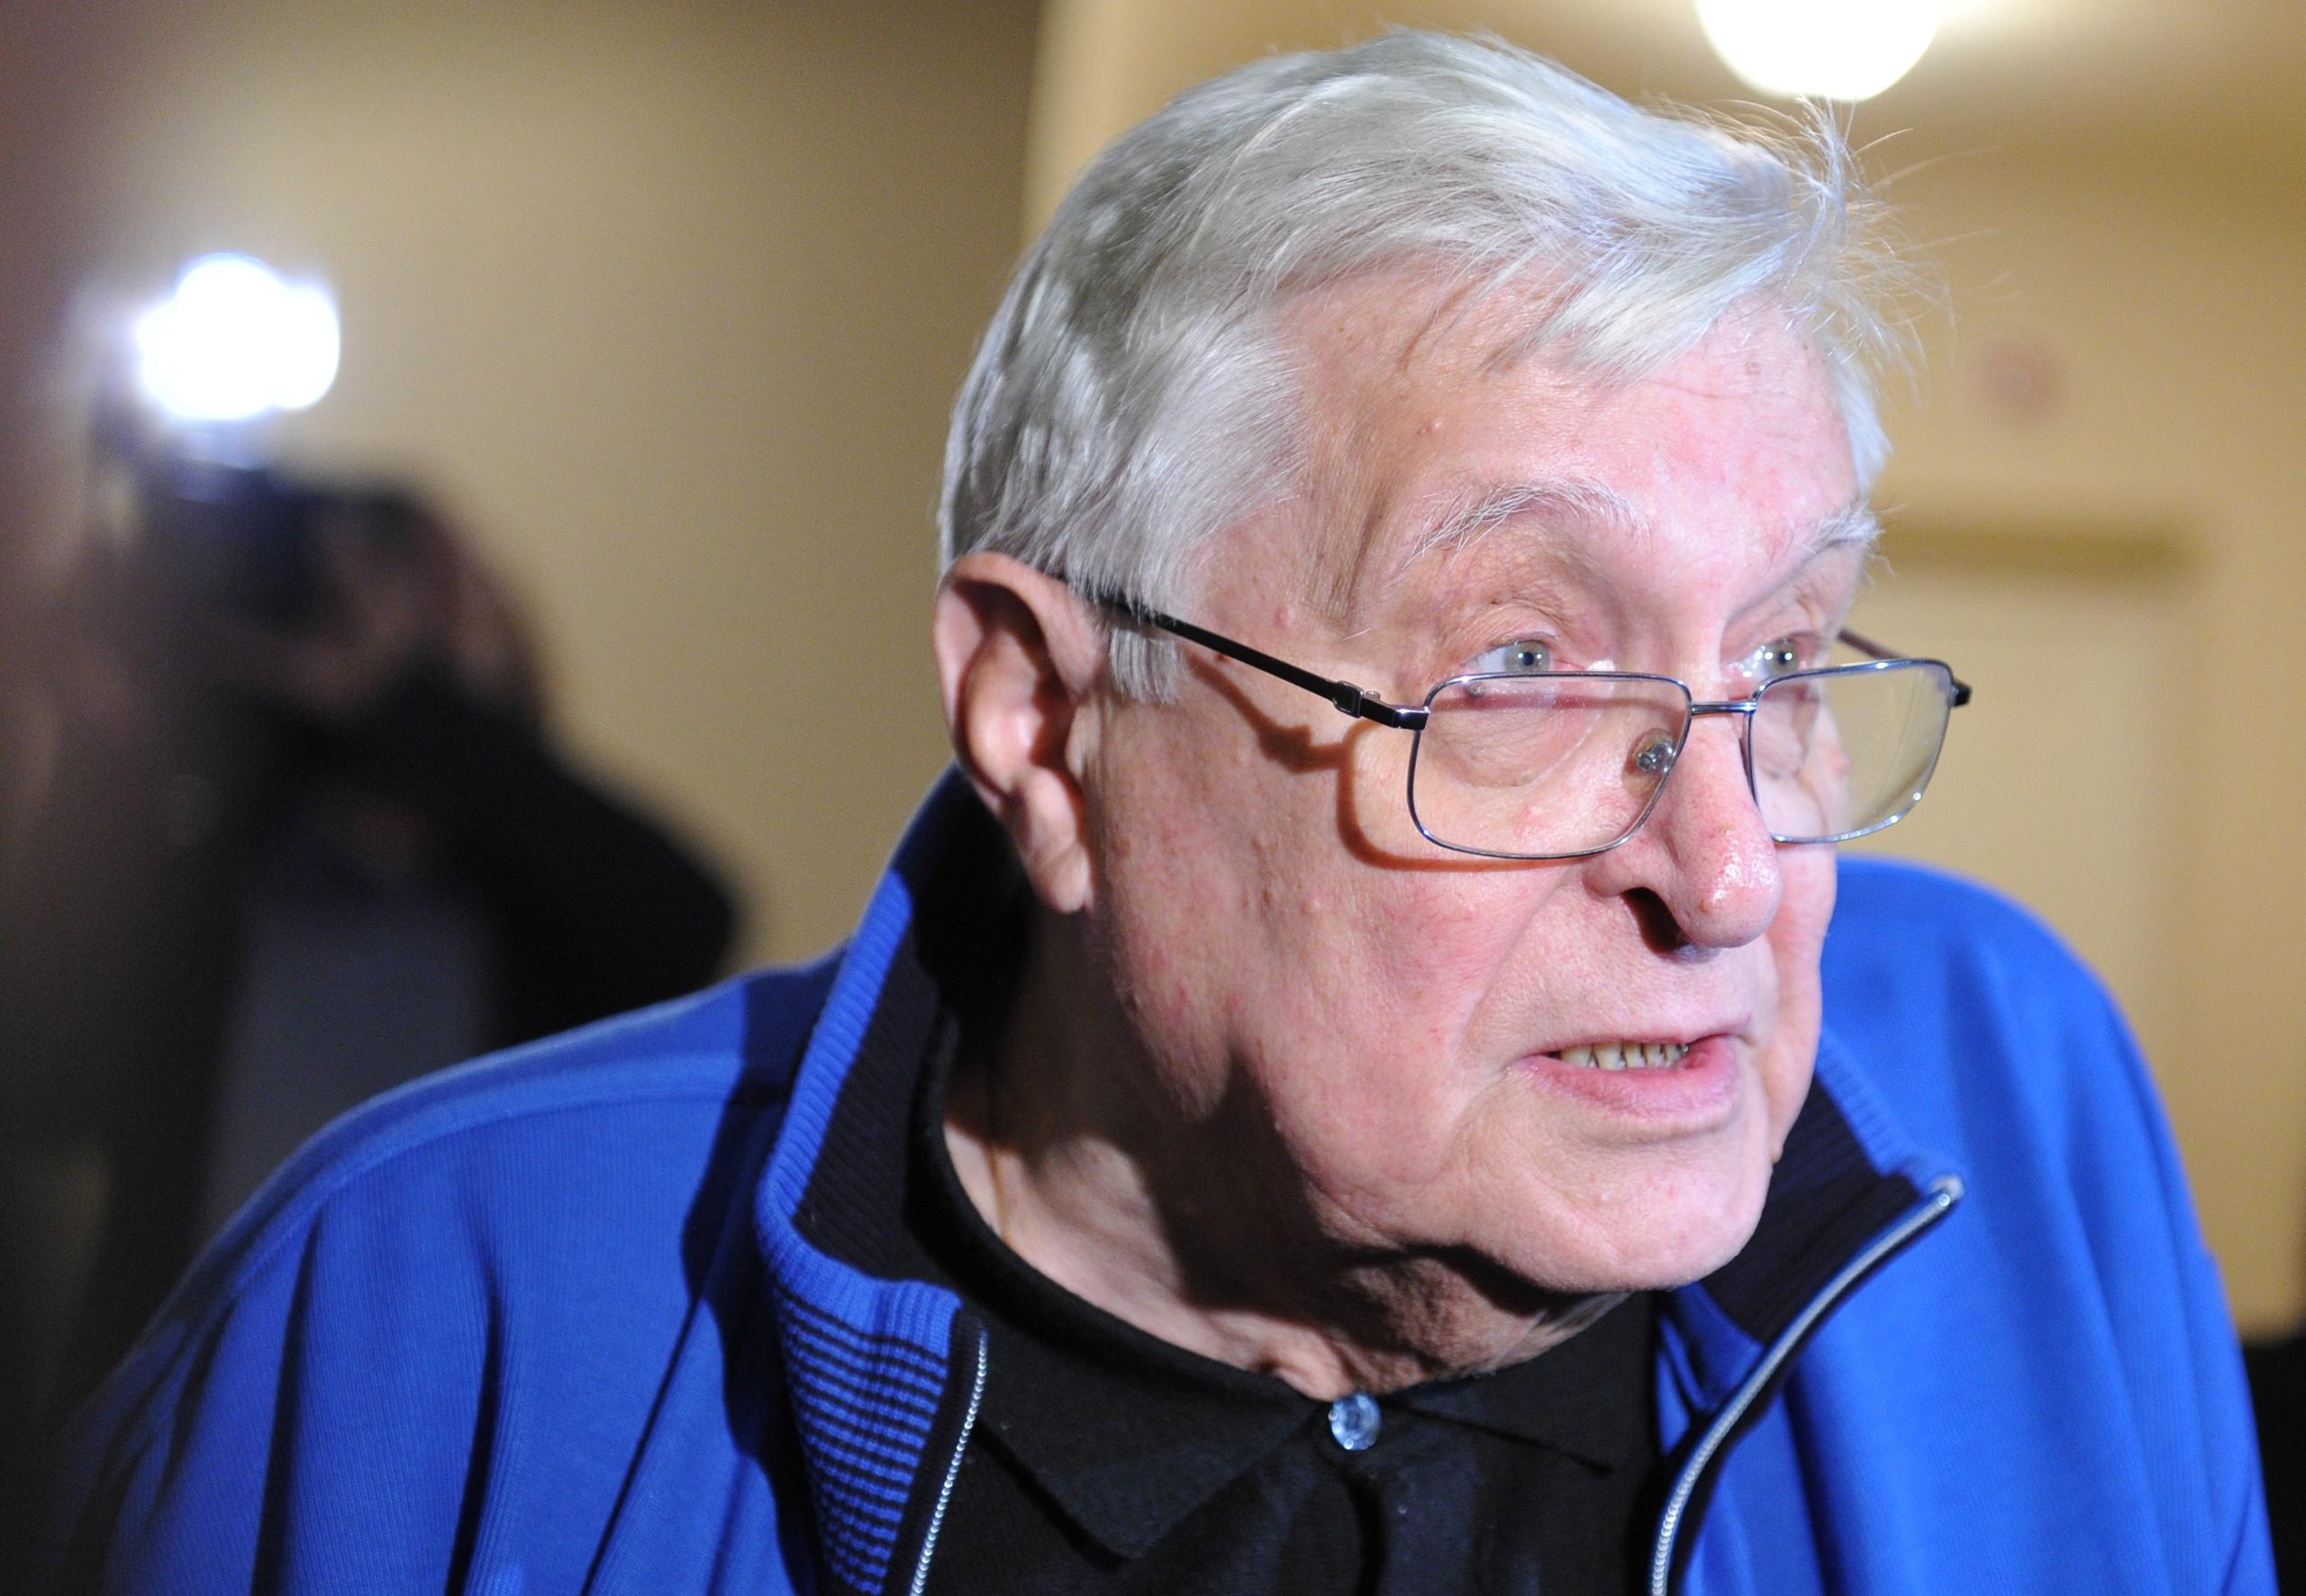 """Олег Басилашвили: """"Девяностые не были страшными. Они были прорывом"""""""